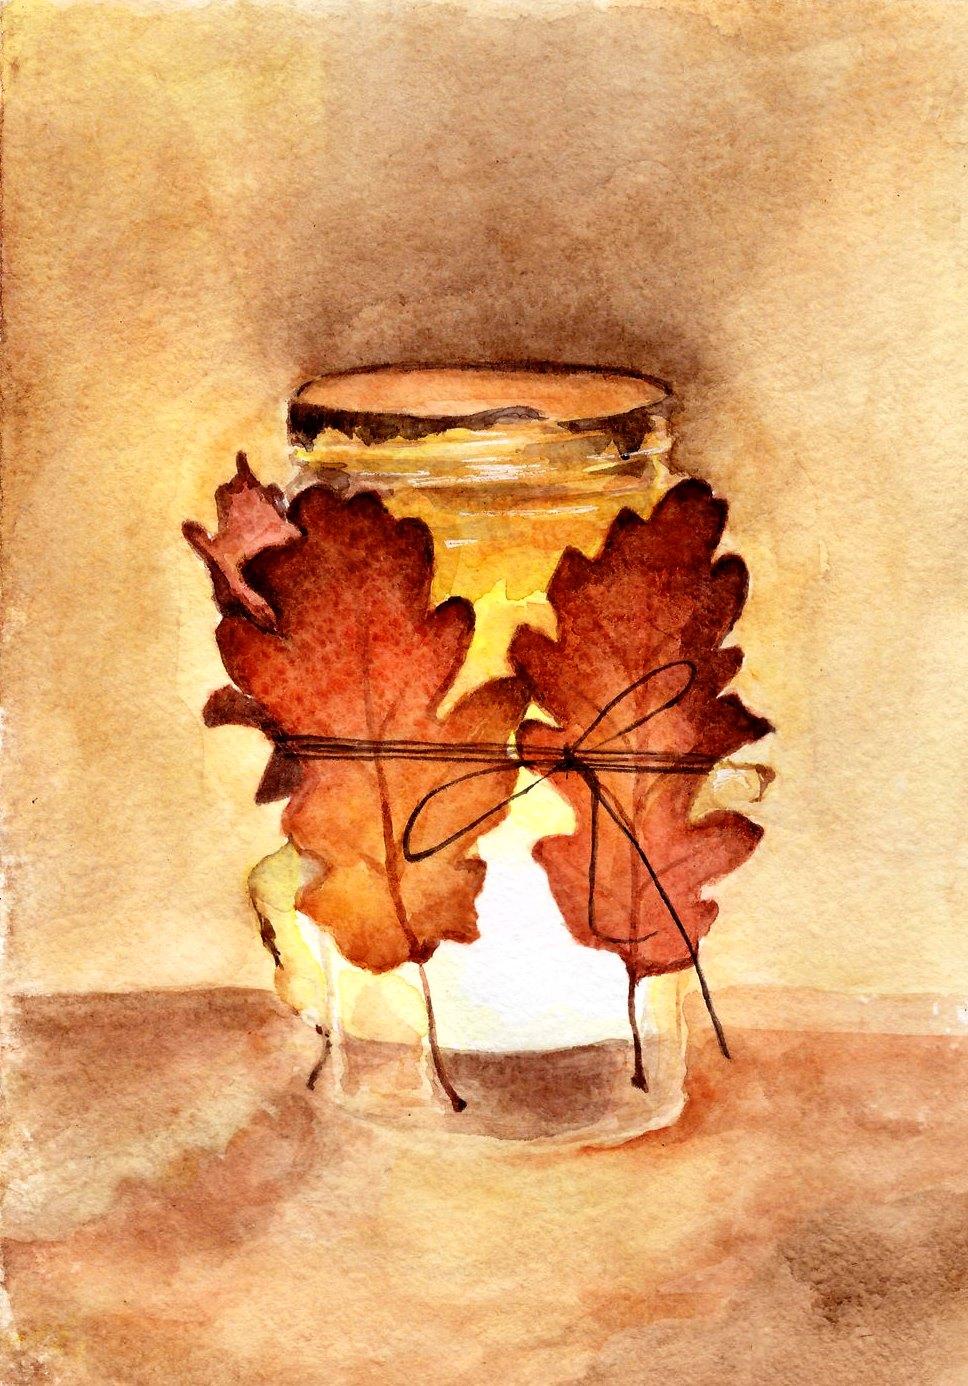 luminaire by Leona-Norten